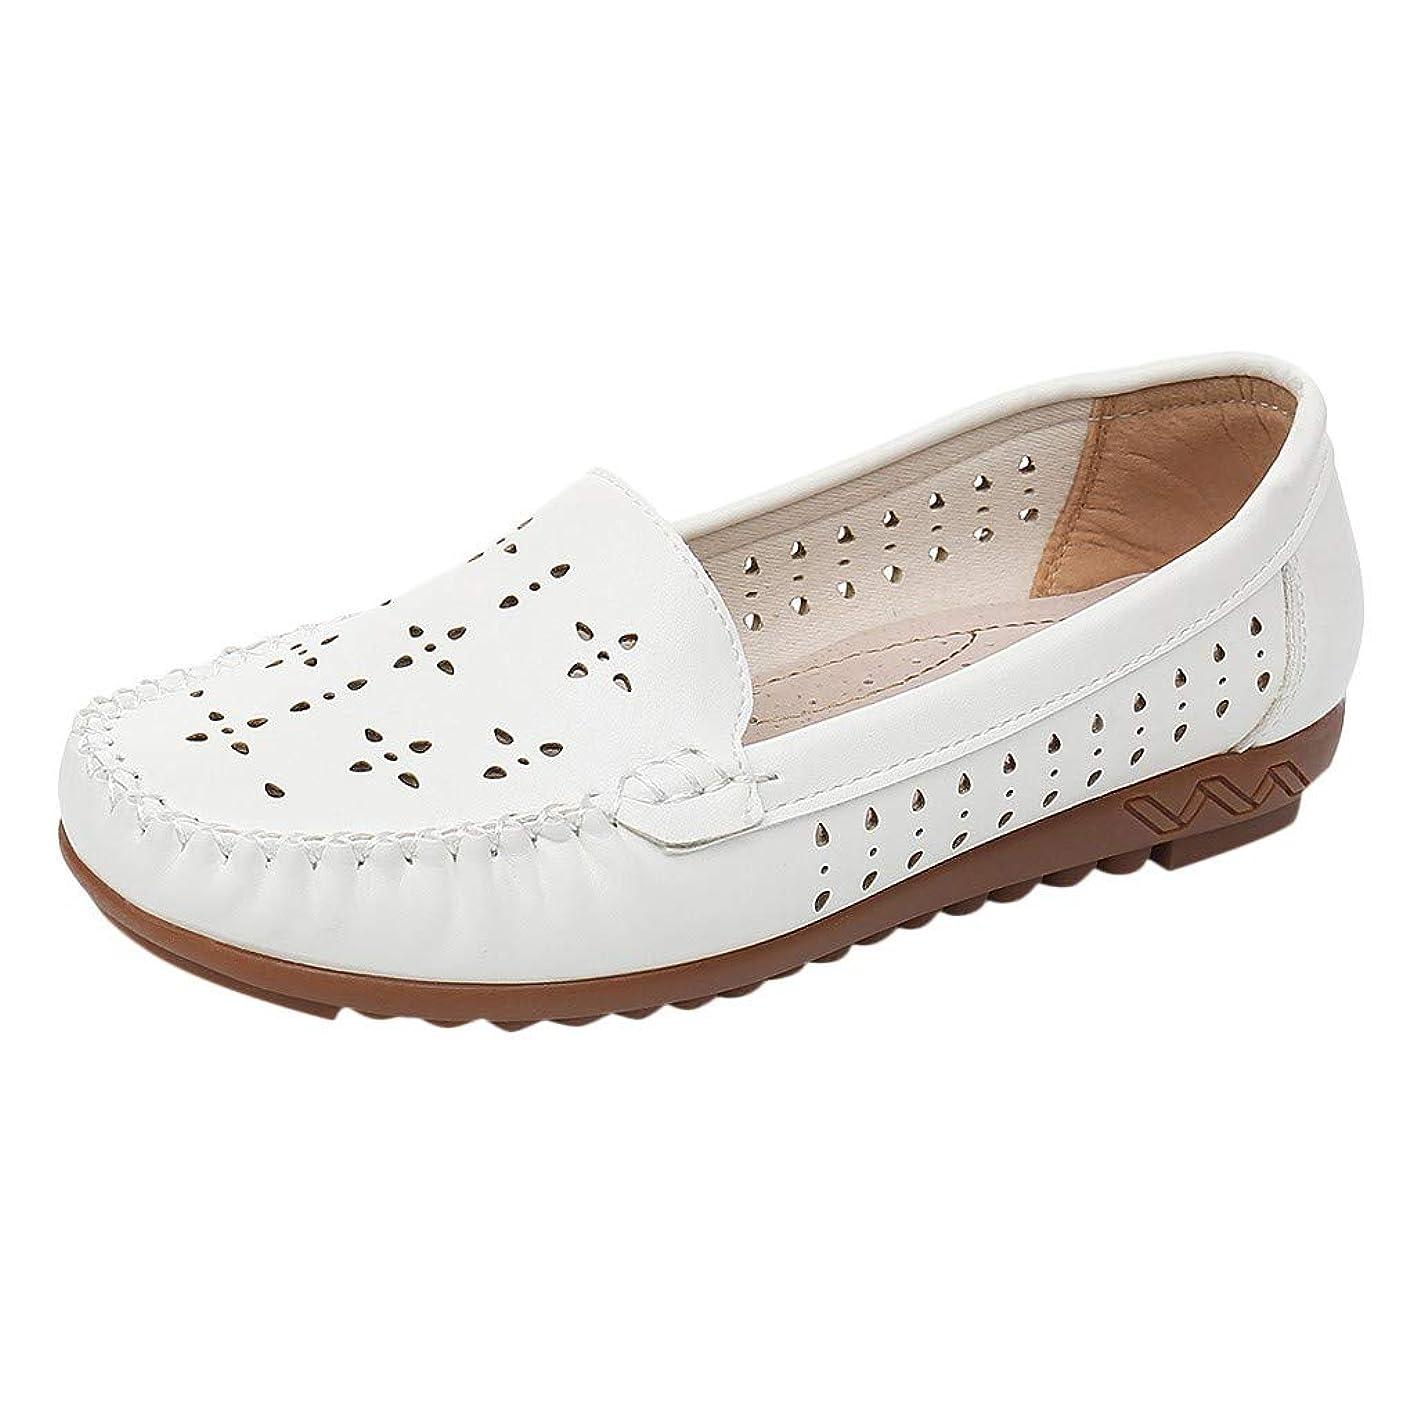 じゃがいもモロニック積分フラットシューズ レディース Hodarey 女性の靴 快適 作業靴 ソフト底 滑り止め エンドウ豆の靴 フラットシューズ 歩きやすい 母の靴 ローファー 婦人靴 レジャー シューズ 人気 安い レディース シューズ 普段着 レザーシューズ